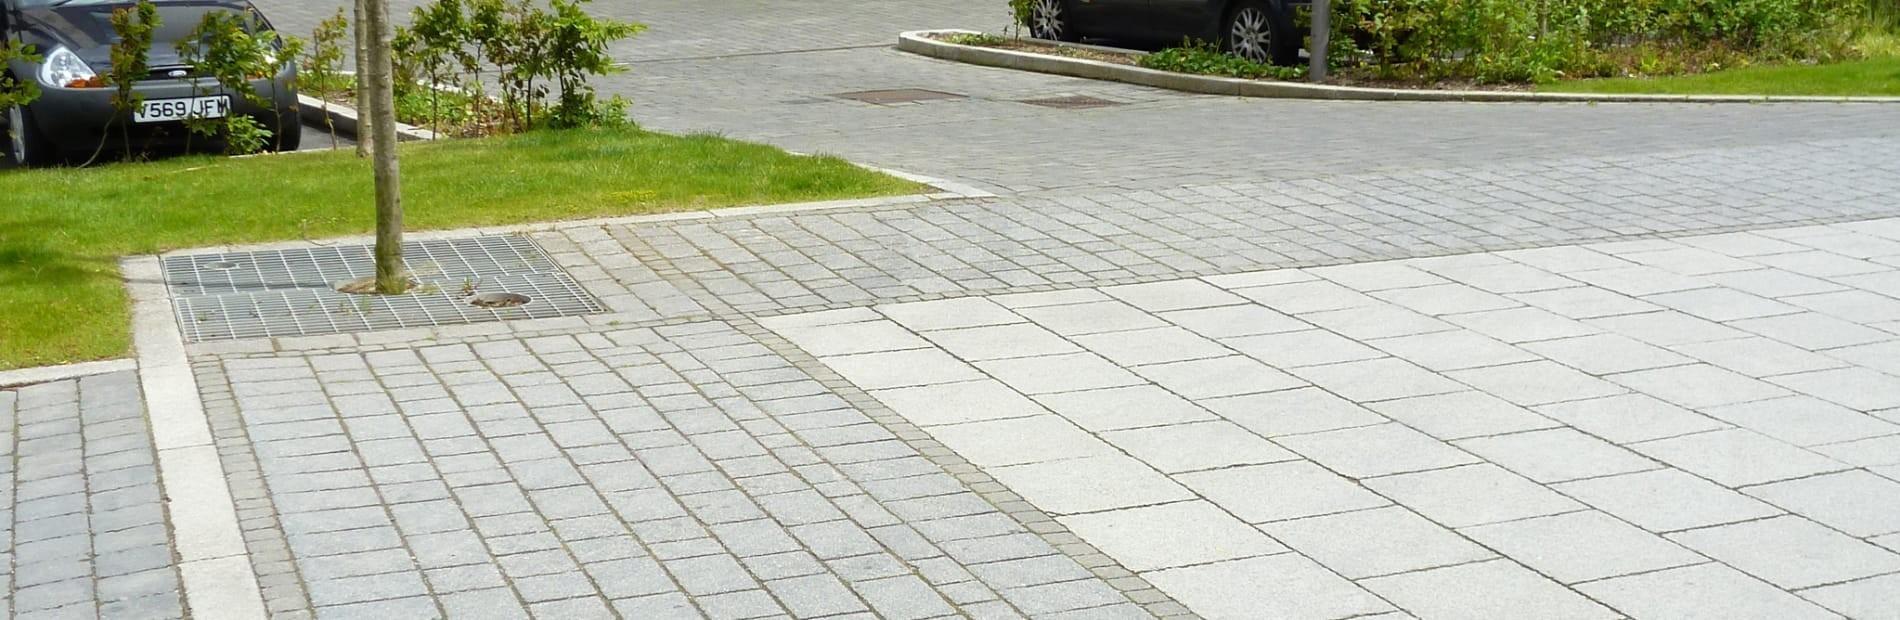 چرا سنگفرش بتنی / سنگ فرش بتنی مناسب پیاده رو های پر تردد است